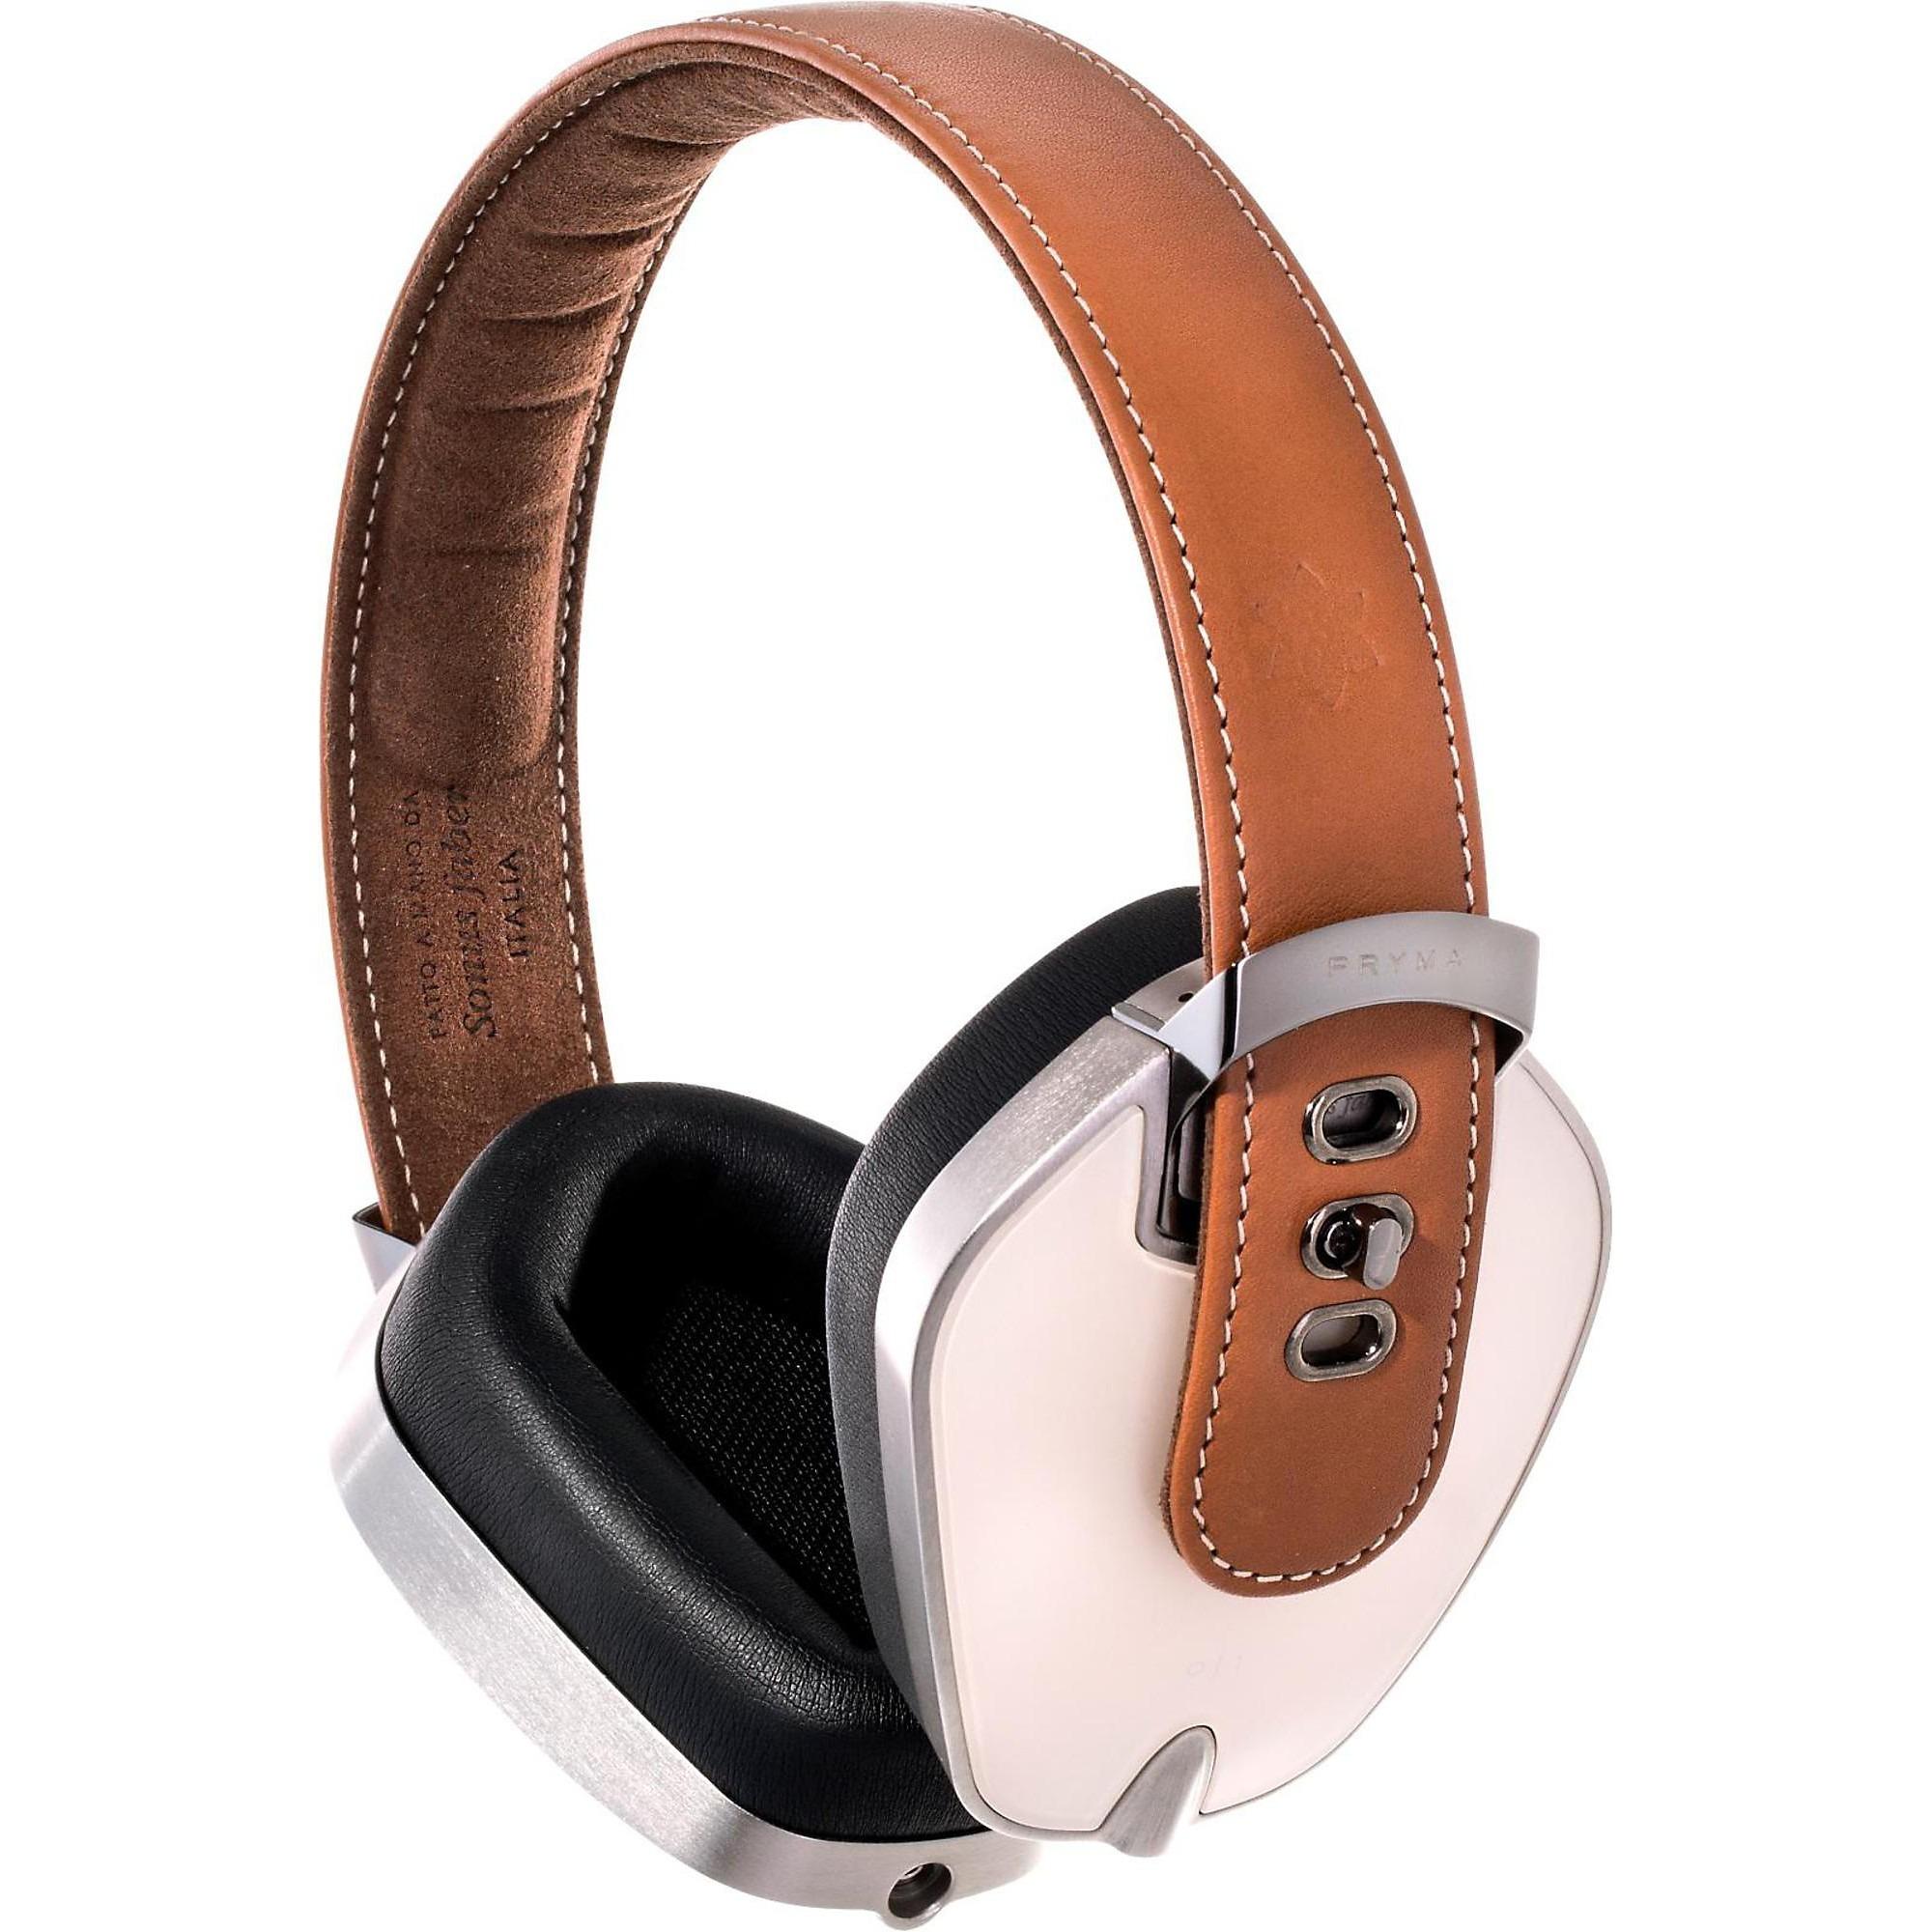 Leather & Aluminum Headphones